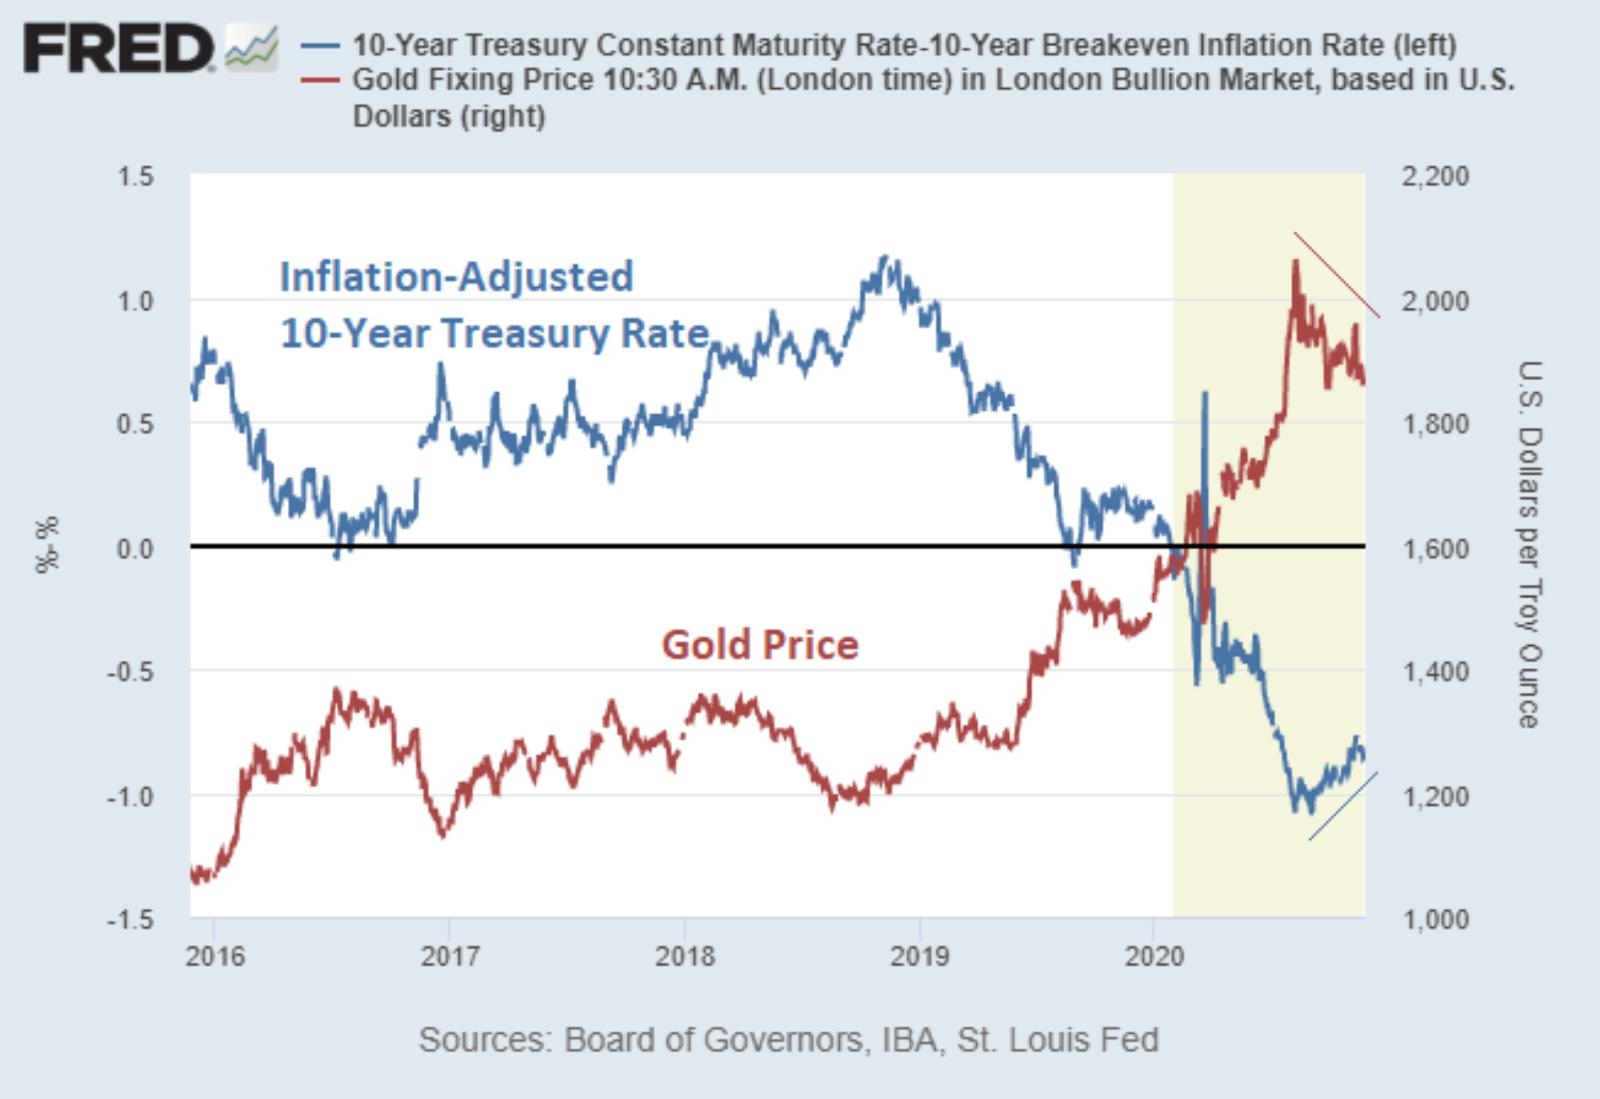 comparaison cours de l'or et taux d'intérêt réel depuis 2016